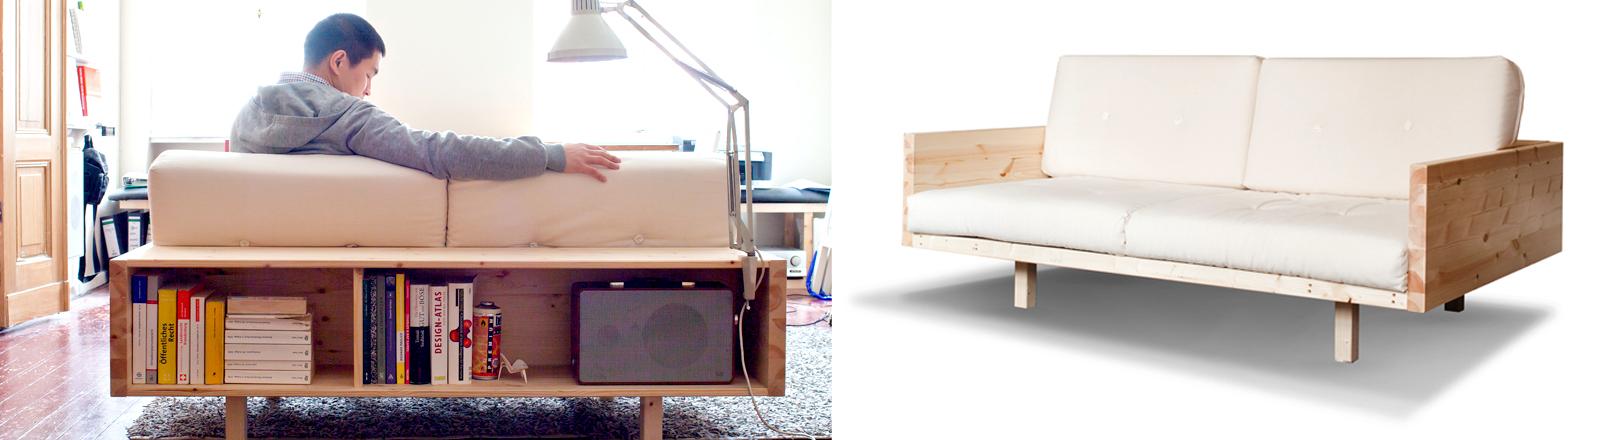 Van Bo Le-Mentzel sitzt auf seiner Couch, an die auch noch ein Regal angeschraubt ist